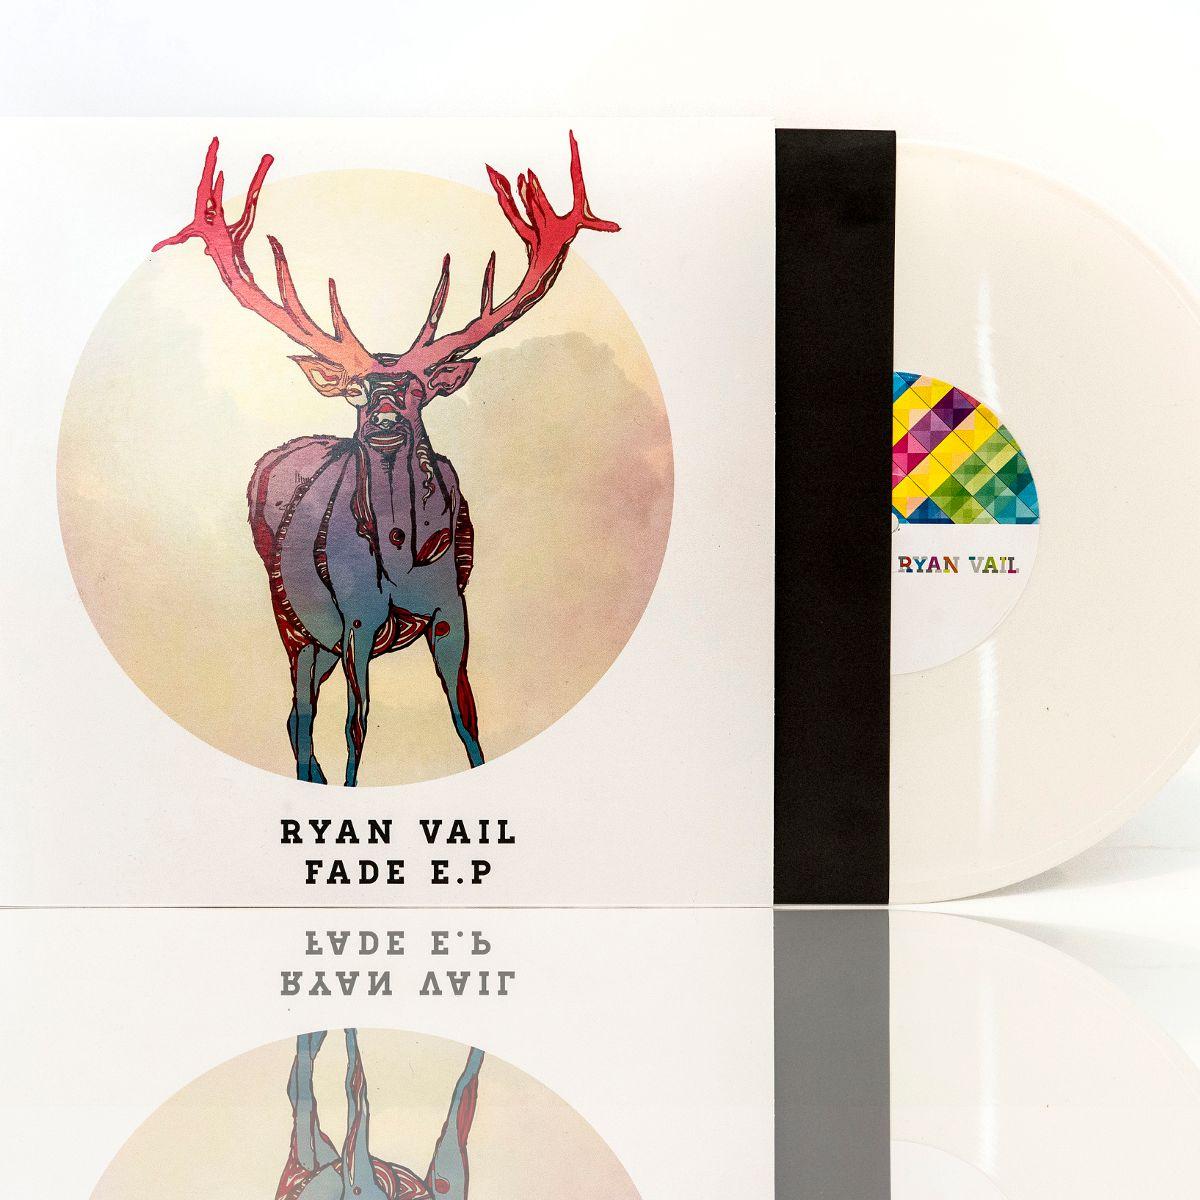 Fade EP Vinyl - Quiet Arch